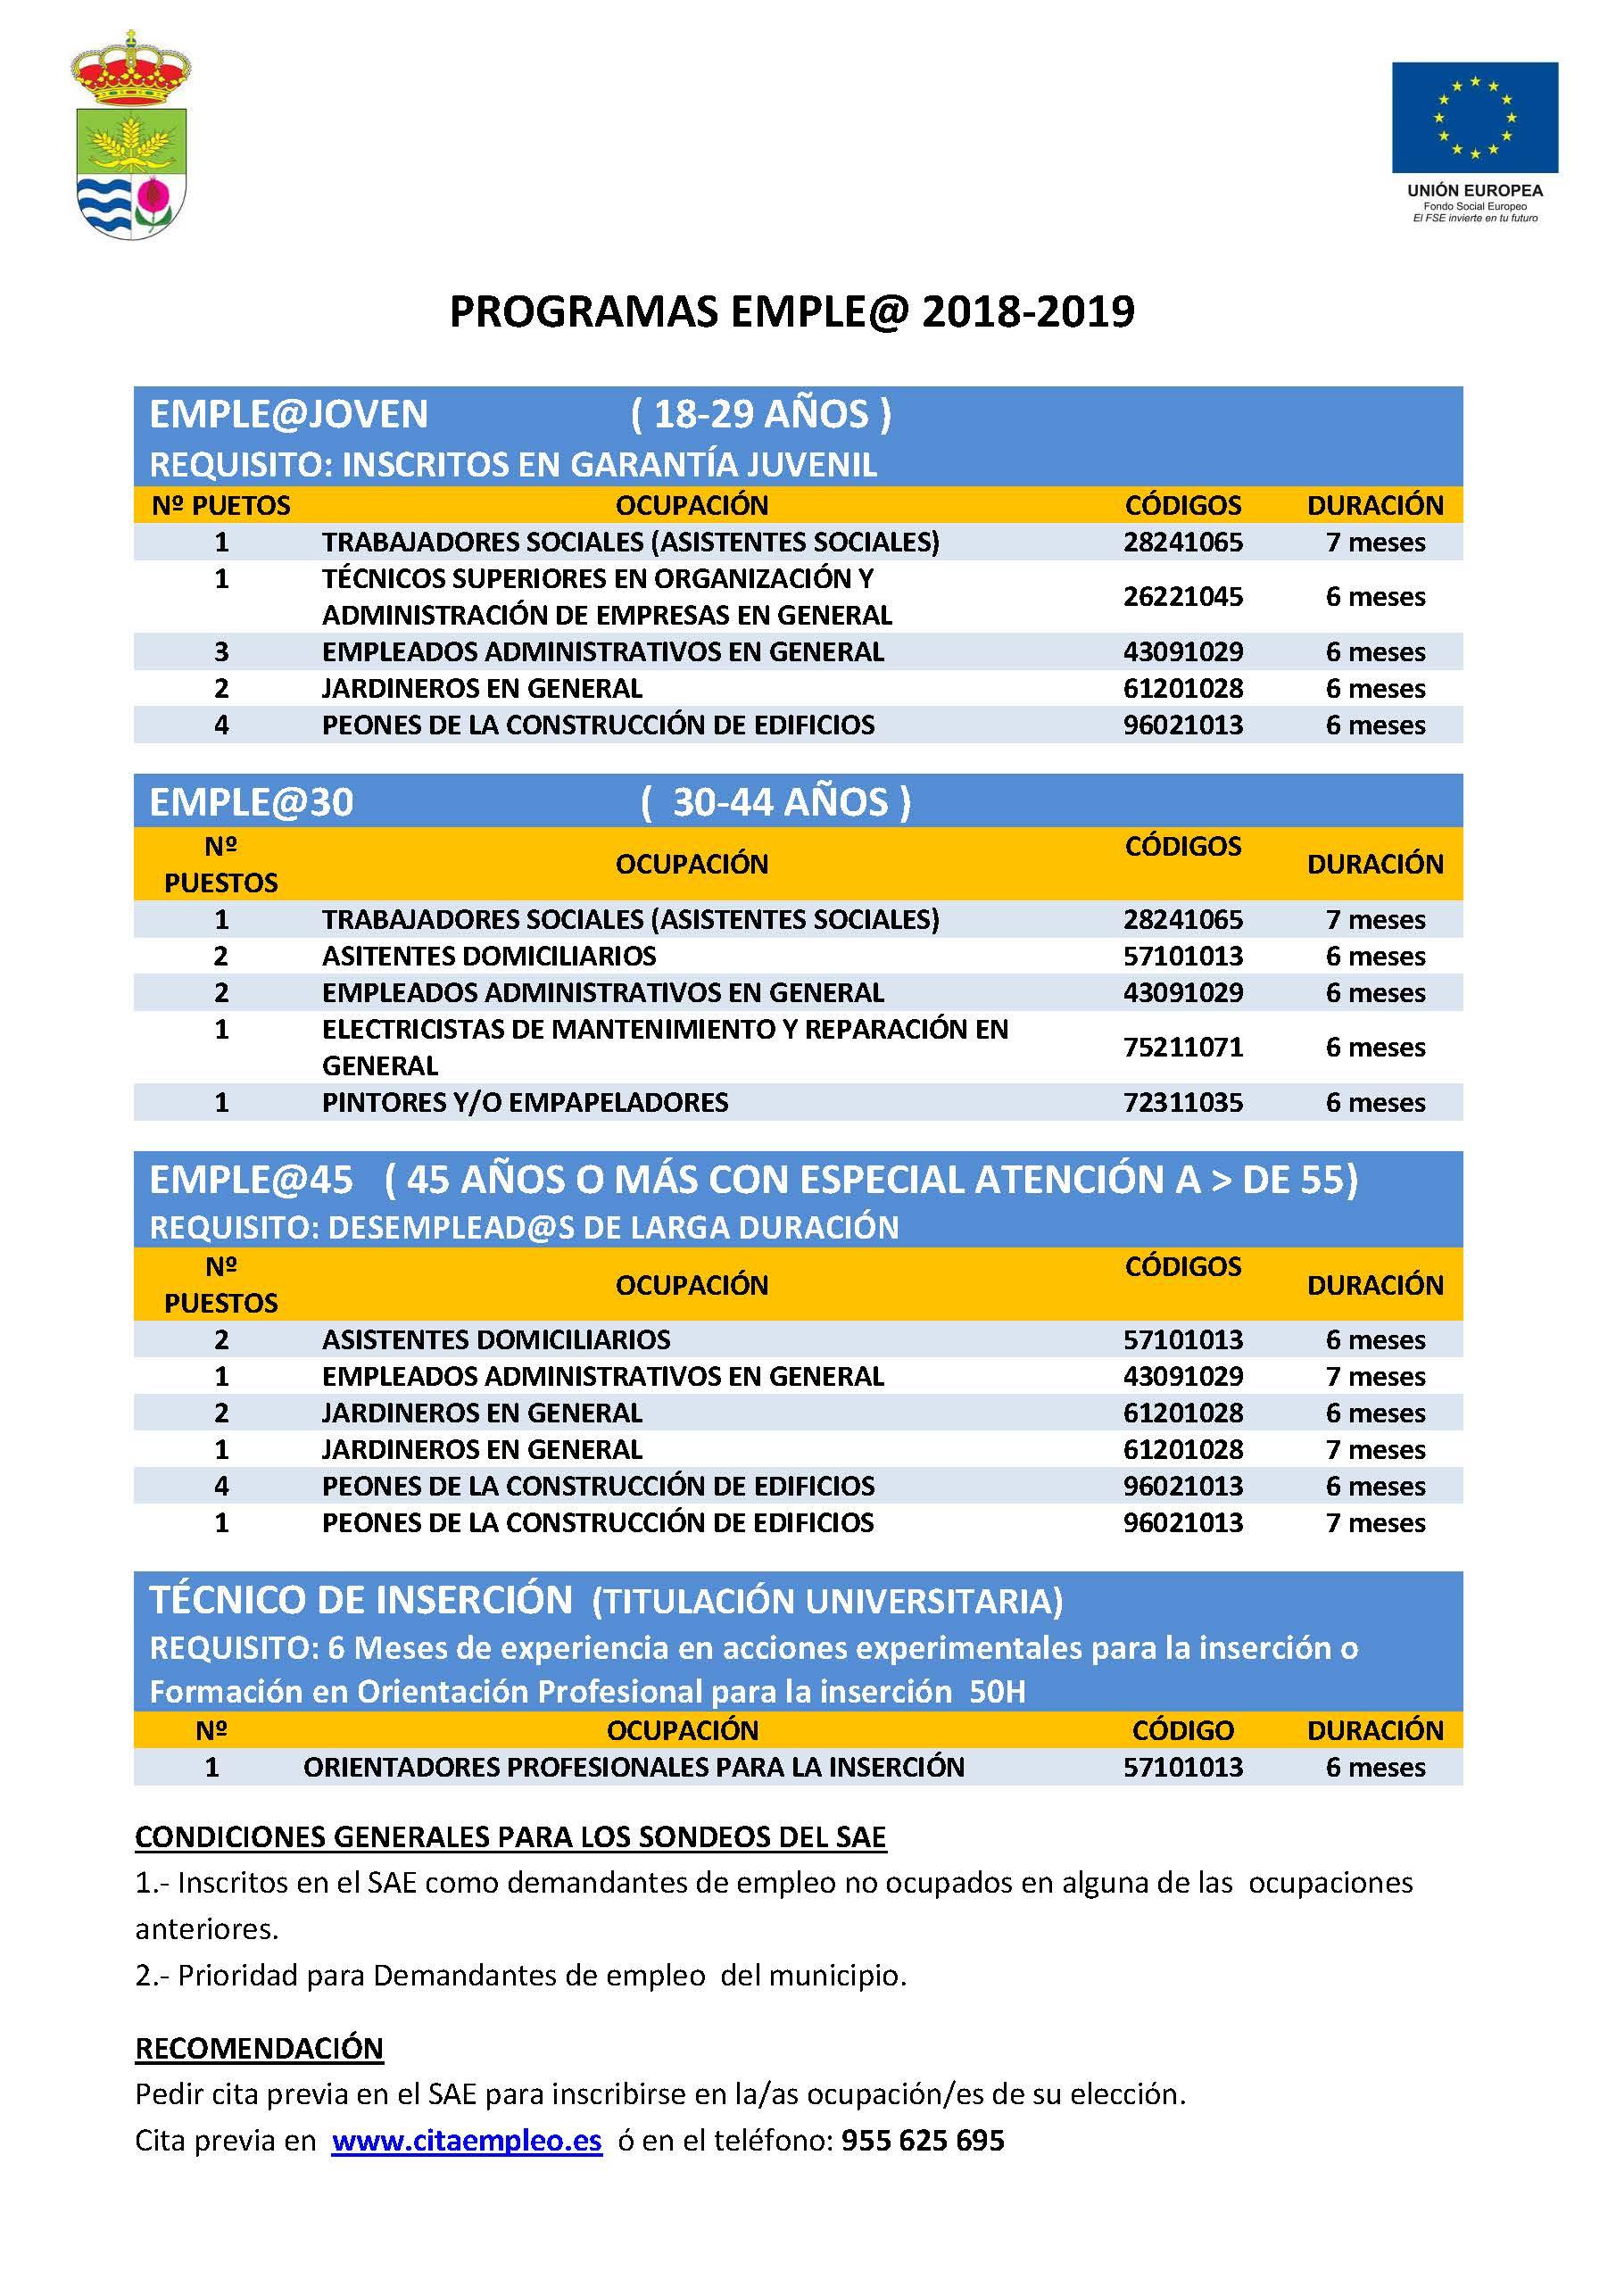 Códigos de ocupación de los programas emple@ del Ayuntamiento de Cúllar Vega